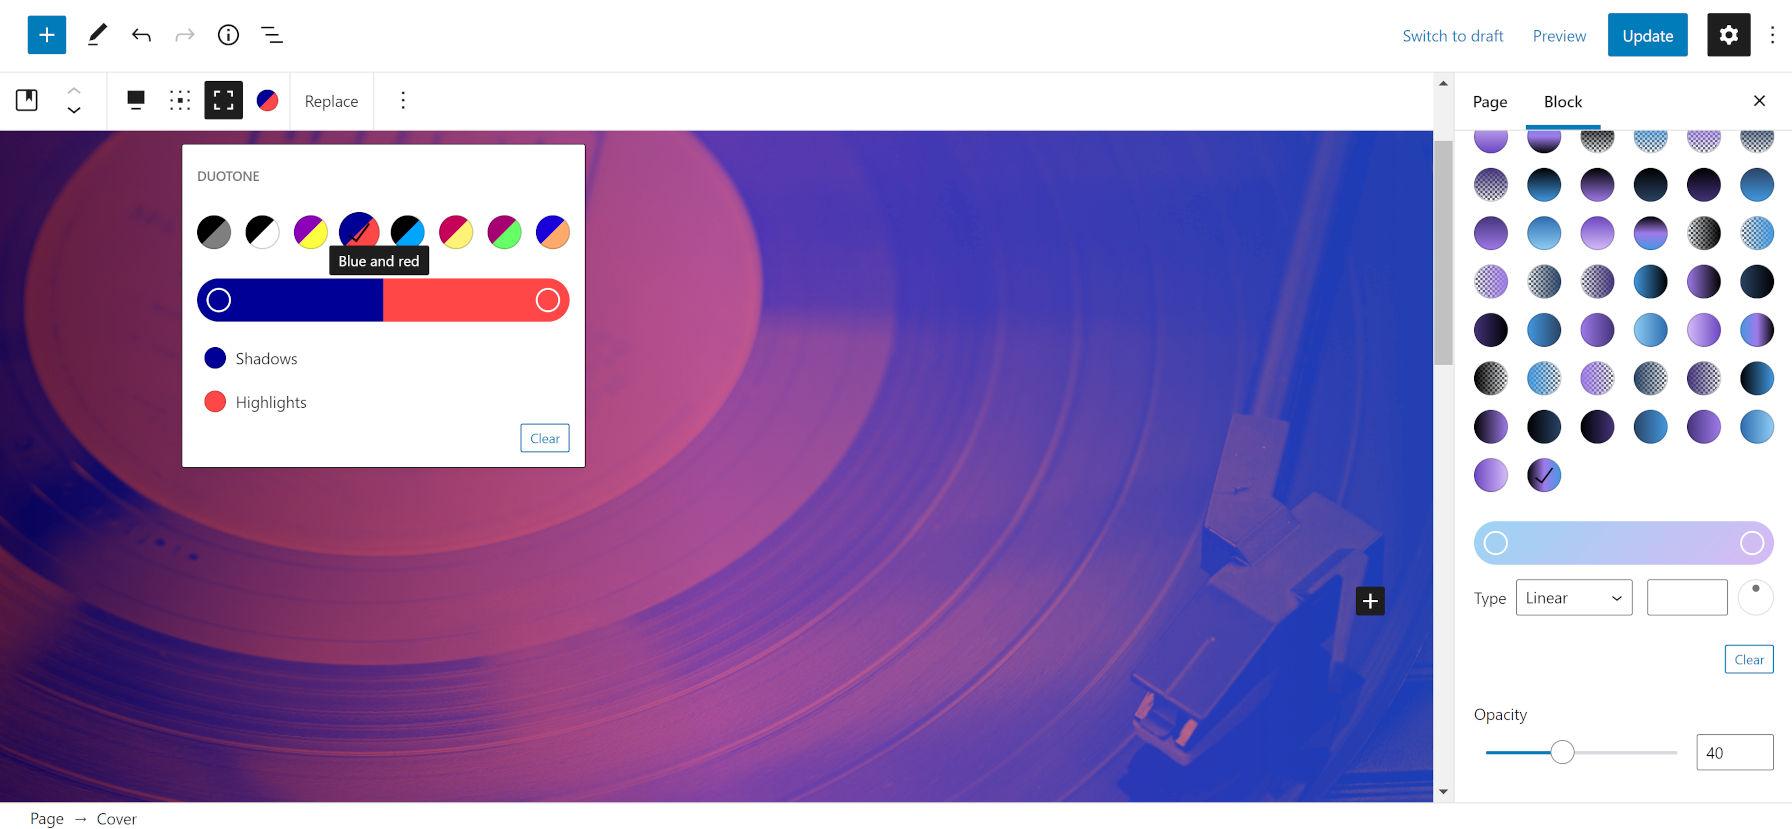 Application d'un filtre bicolore bleu et rouge avec une superposition transparente noire, violette et bleue sur l'image d'un disque et d'un lecteur.